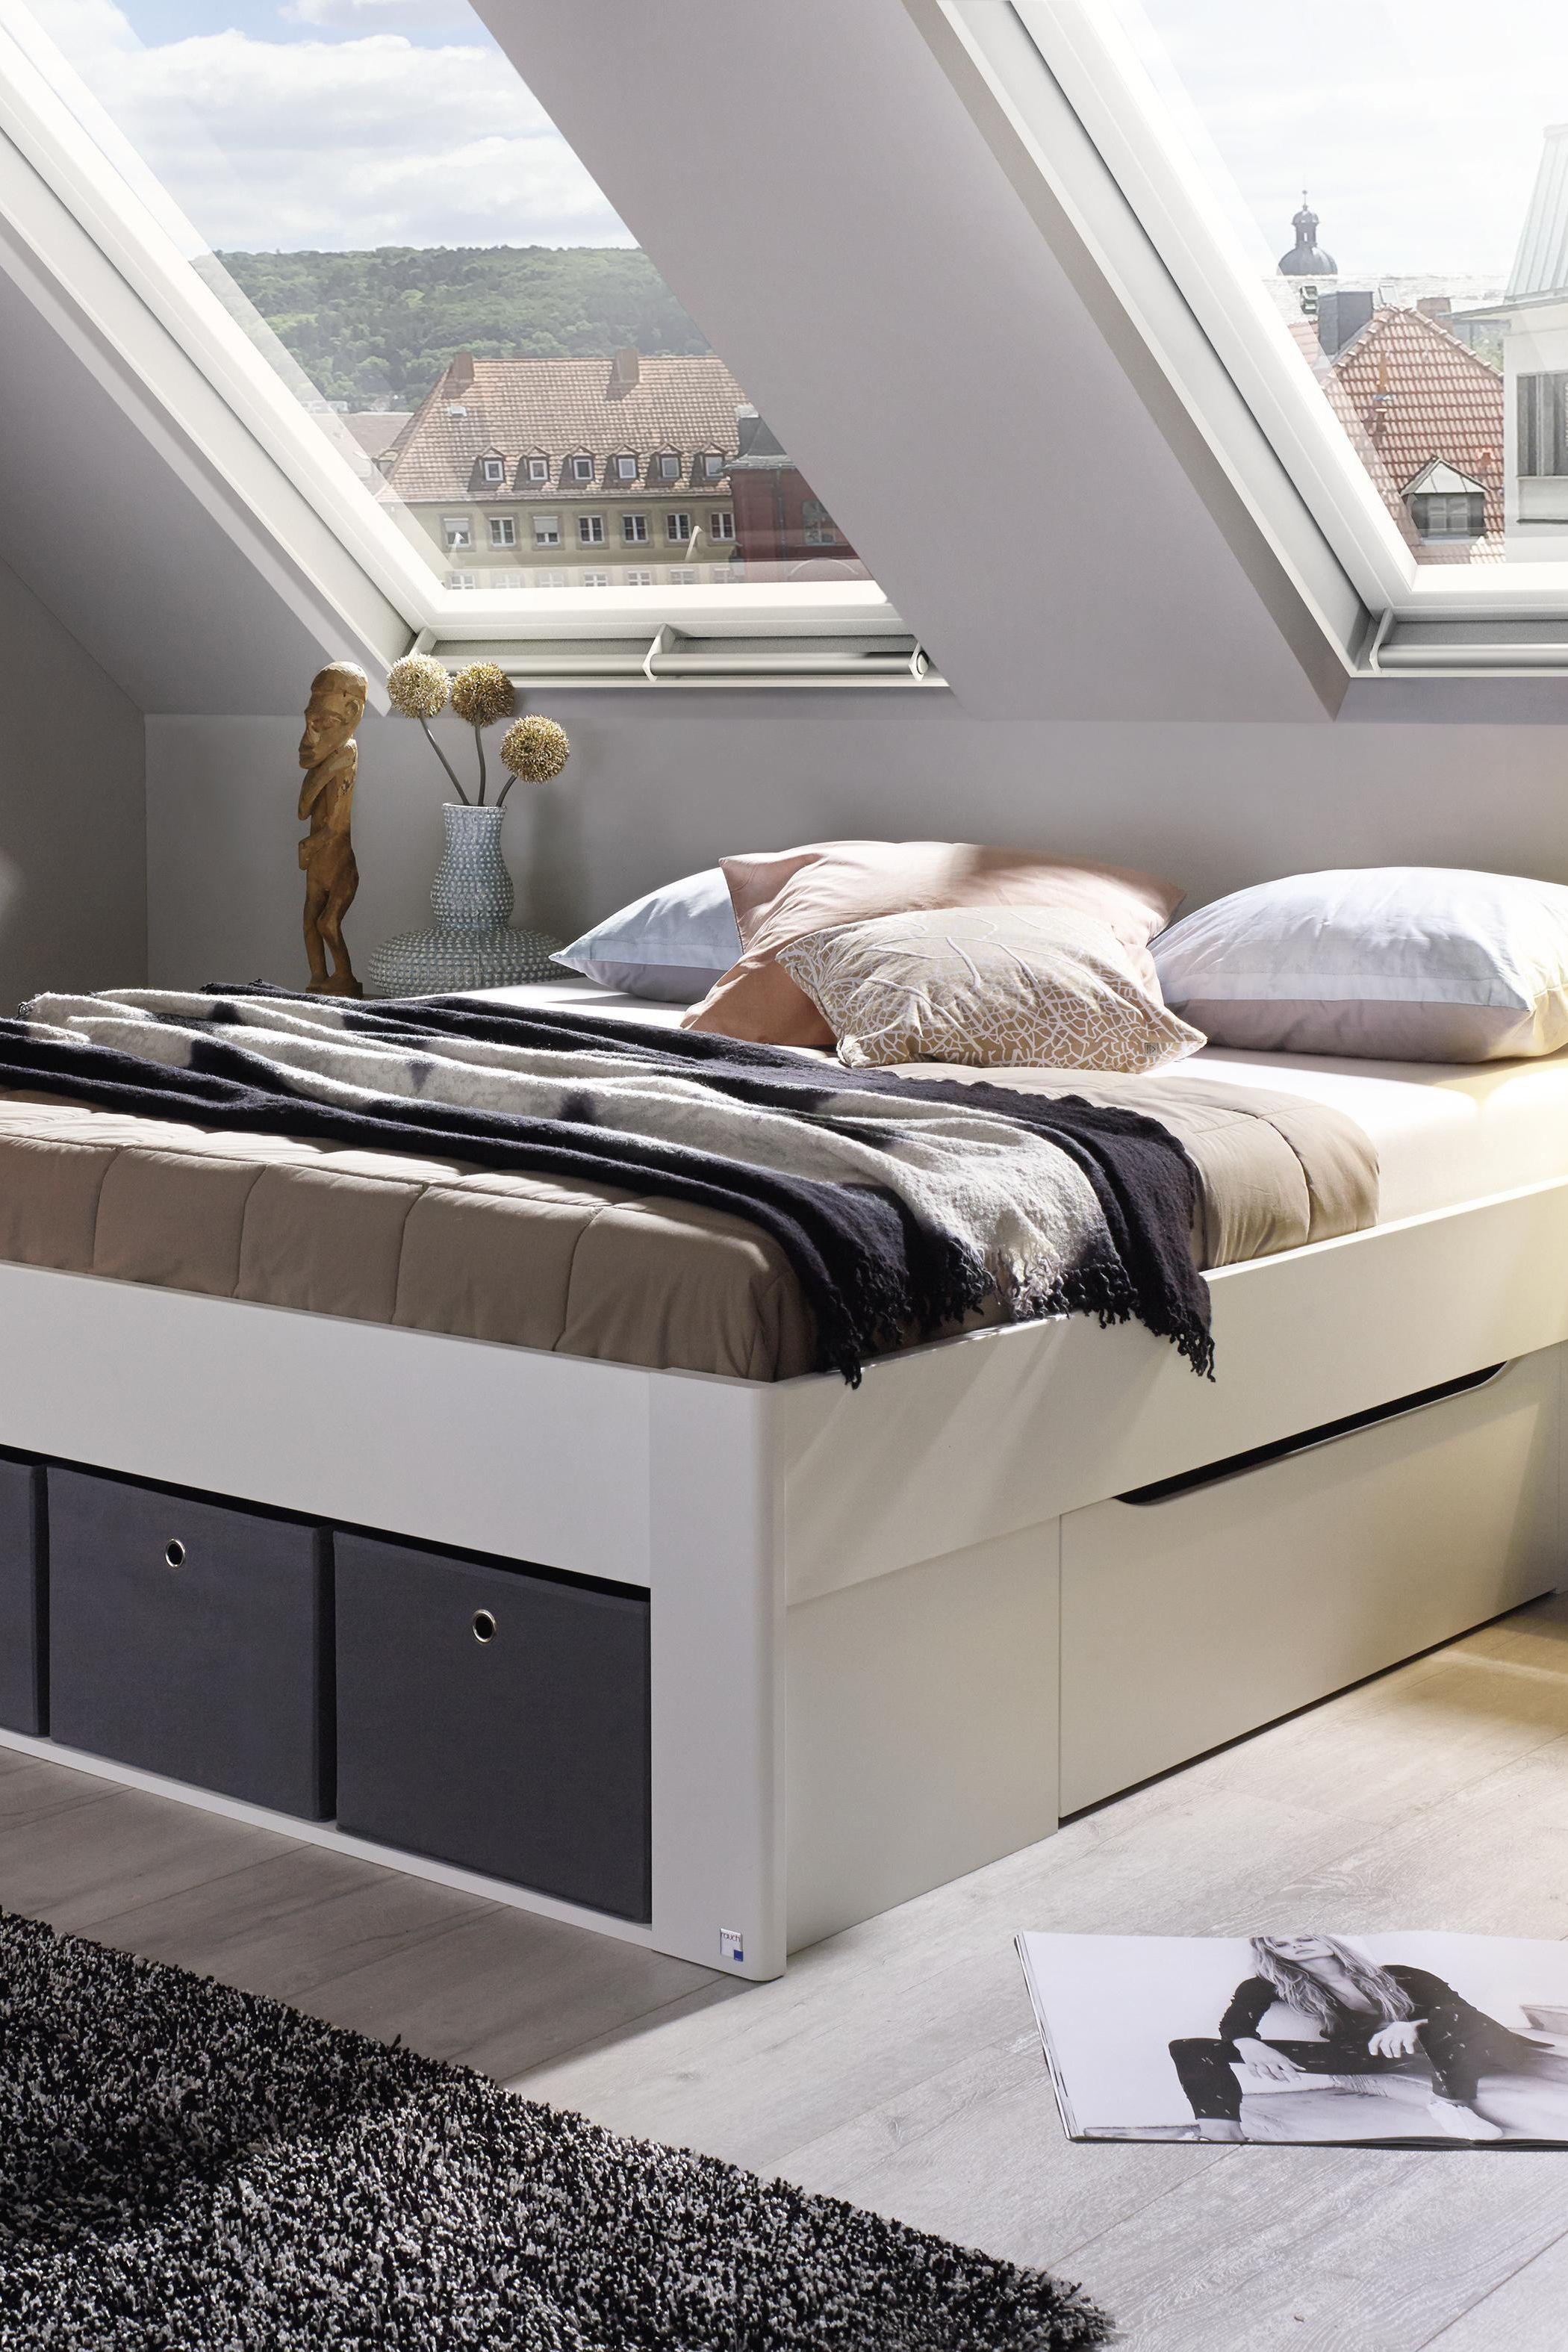 Bett Mit Extra Stauraum Ideal Fur Kleine Raume Rauchmobel